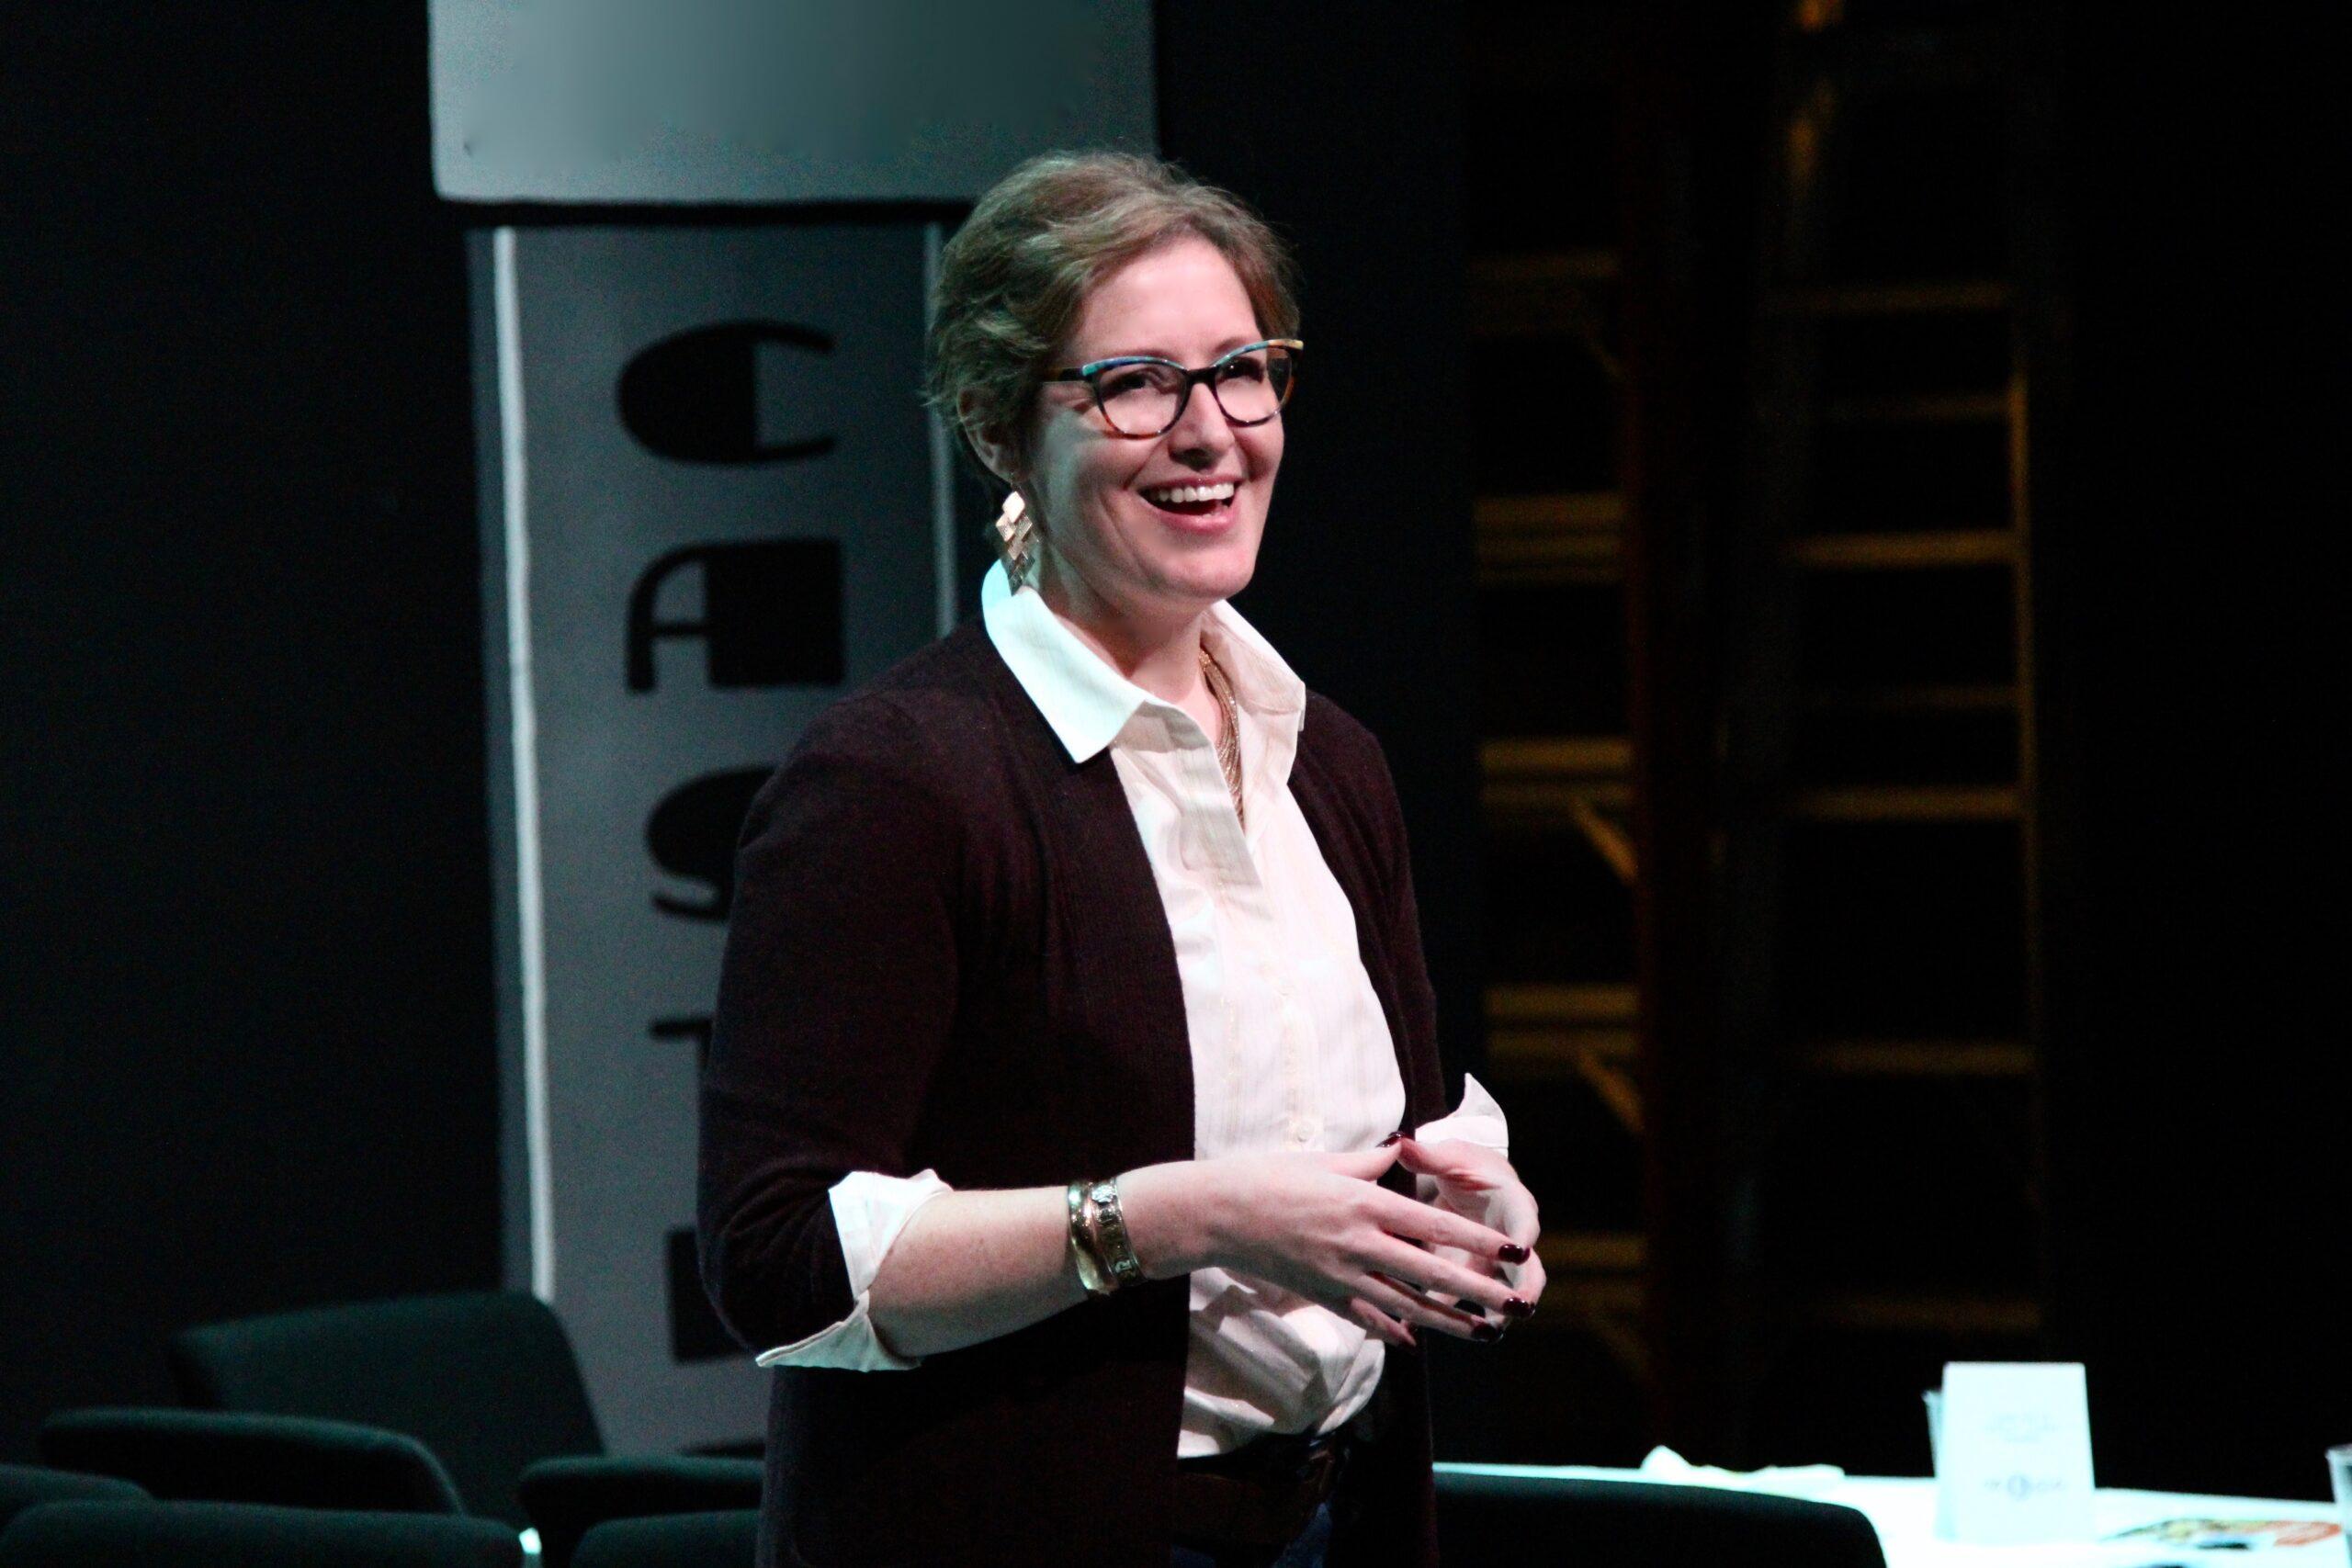 Merritt Speaking in stage lighting